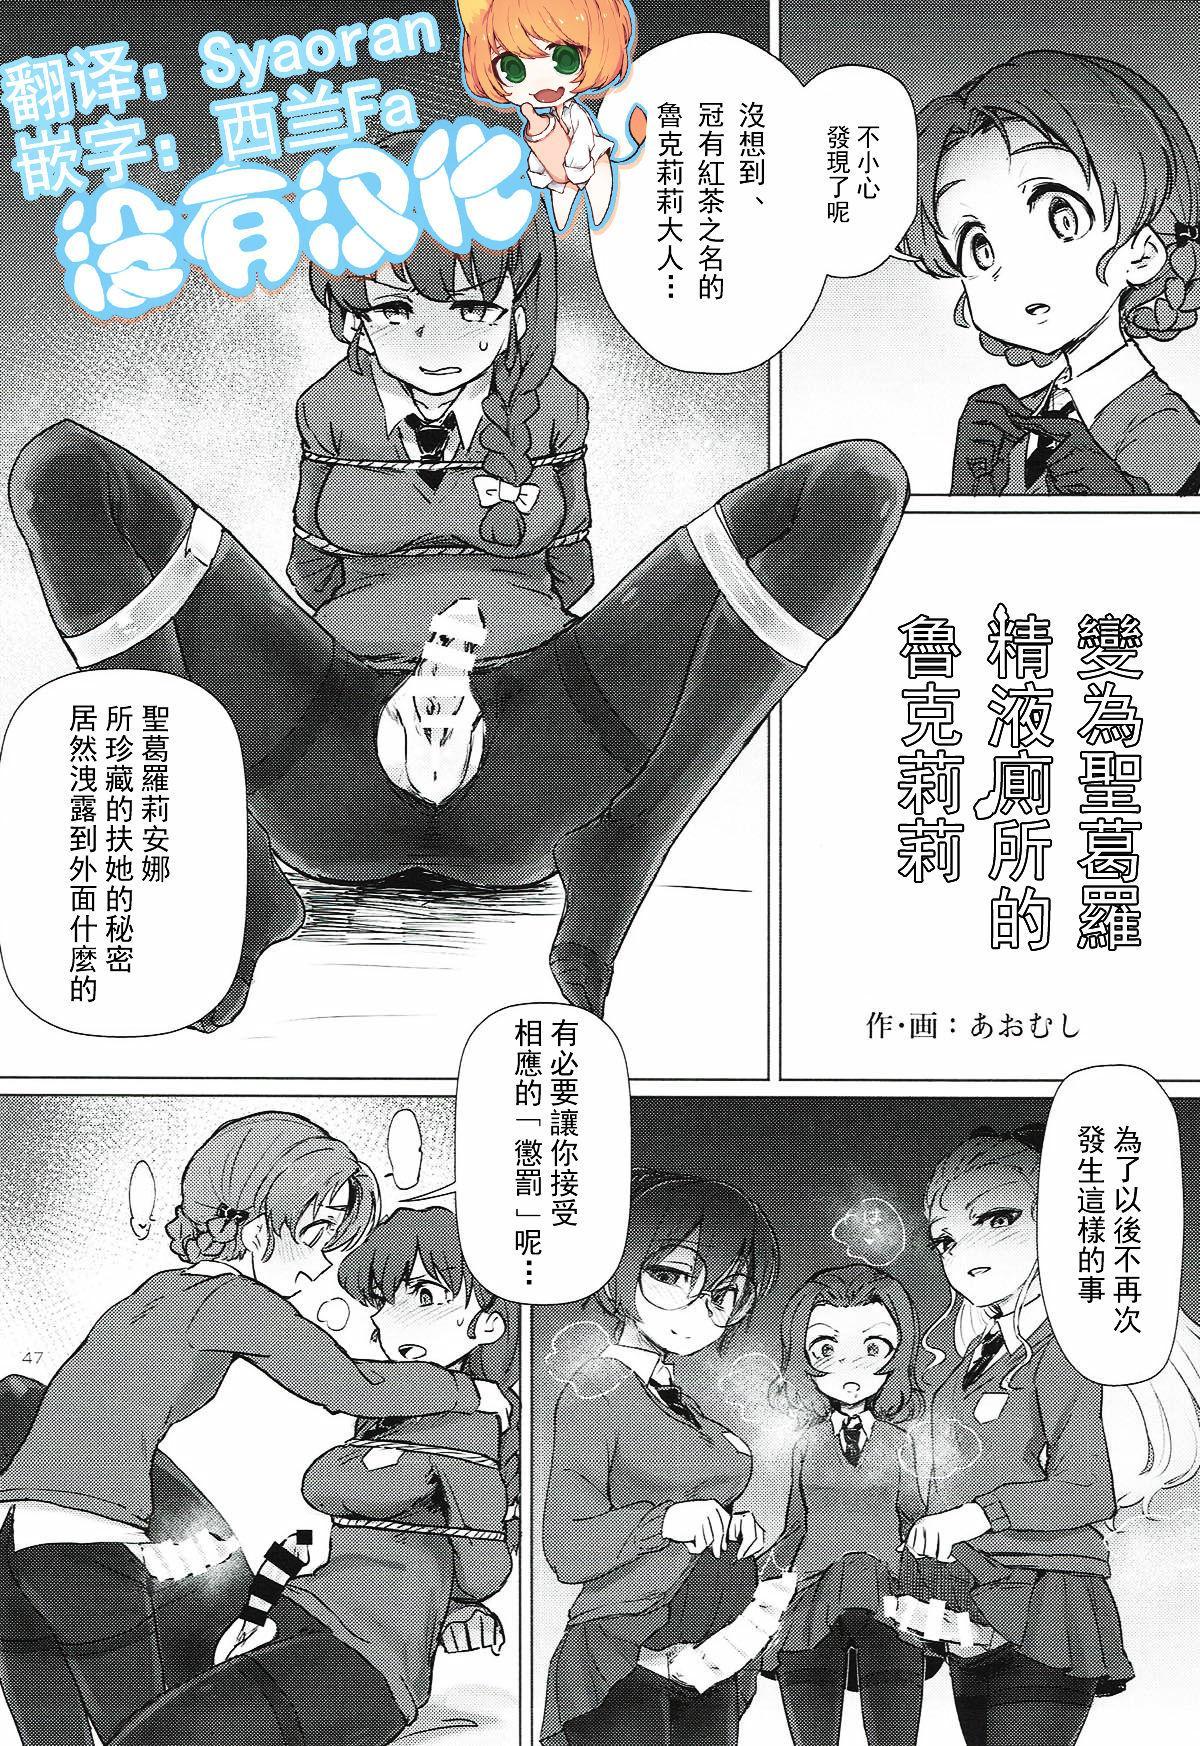 seiguro no seieki benjo to kashita rukuriri-san 丨變為聖葛羅精液廁所的魯克莉莉 0